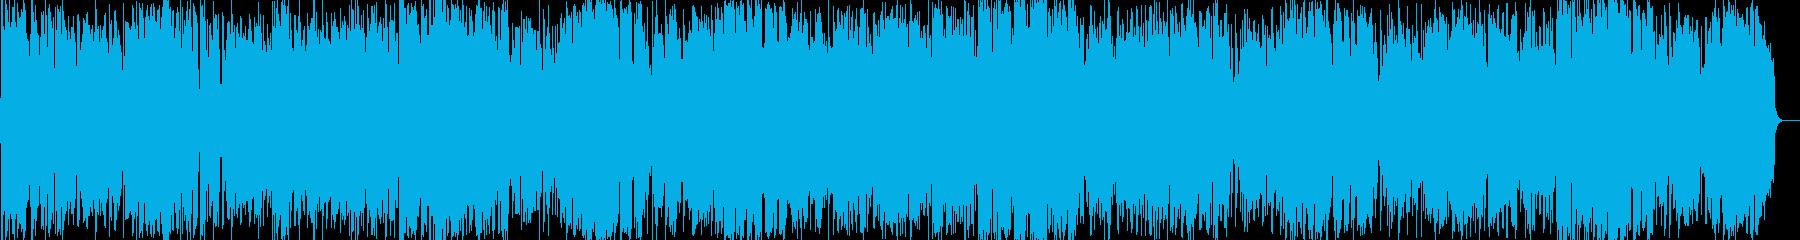 テナーサックスによるアダルトフュージョンの再生済みの波形